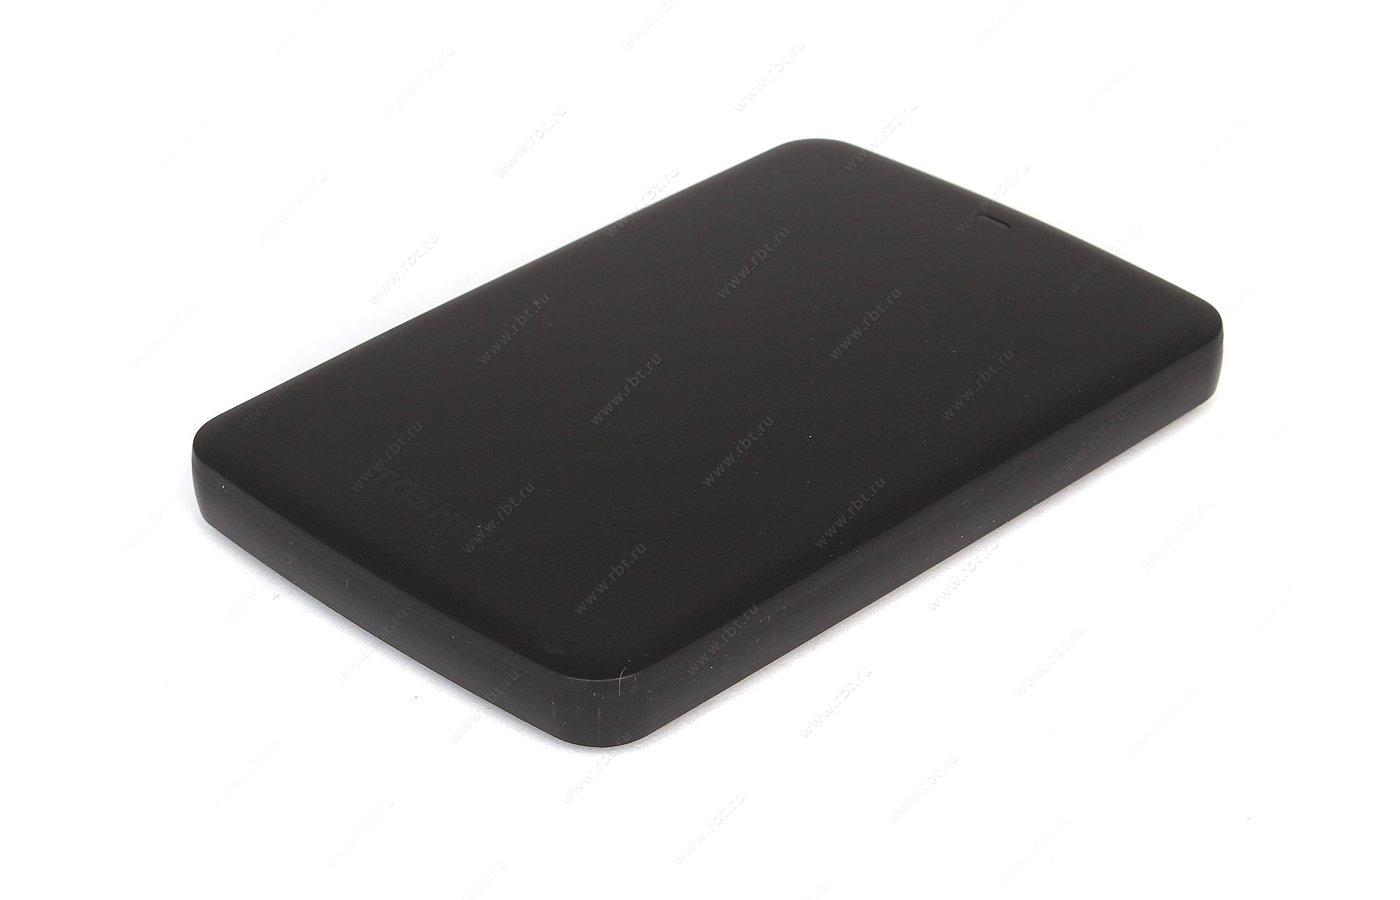 Внешний жесткий диск Toshiba HDTB310EK3AA 1Tb Canvio Basics черный USB 3.0